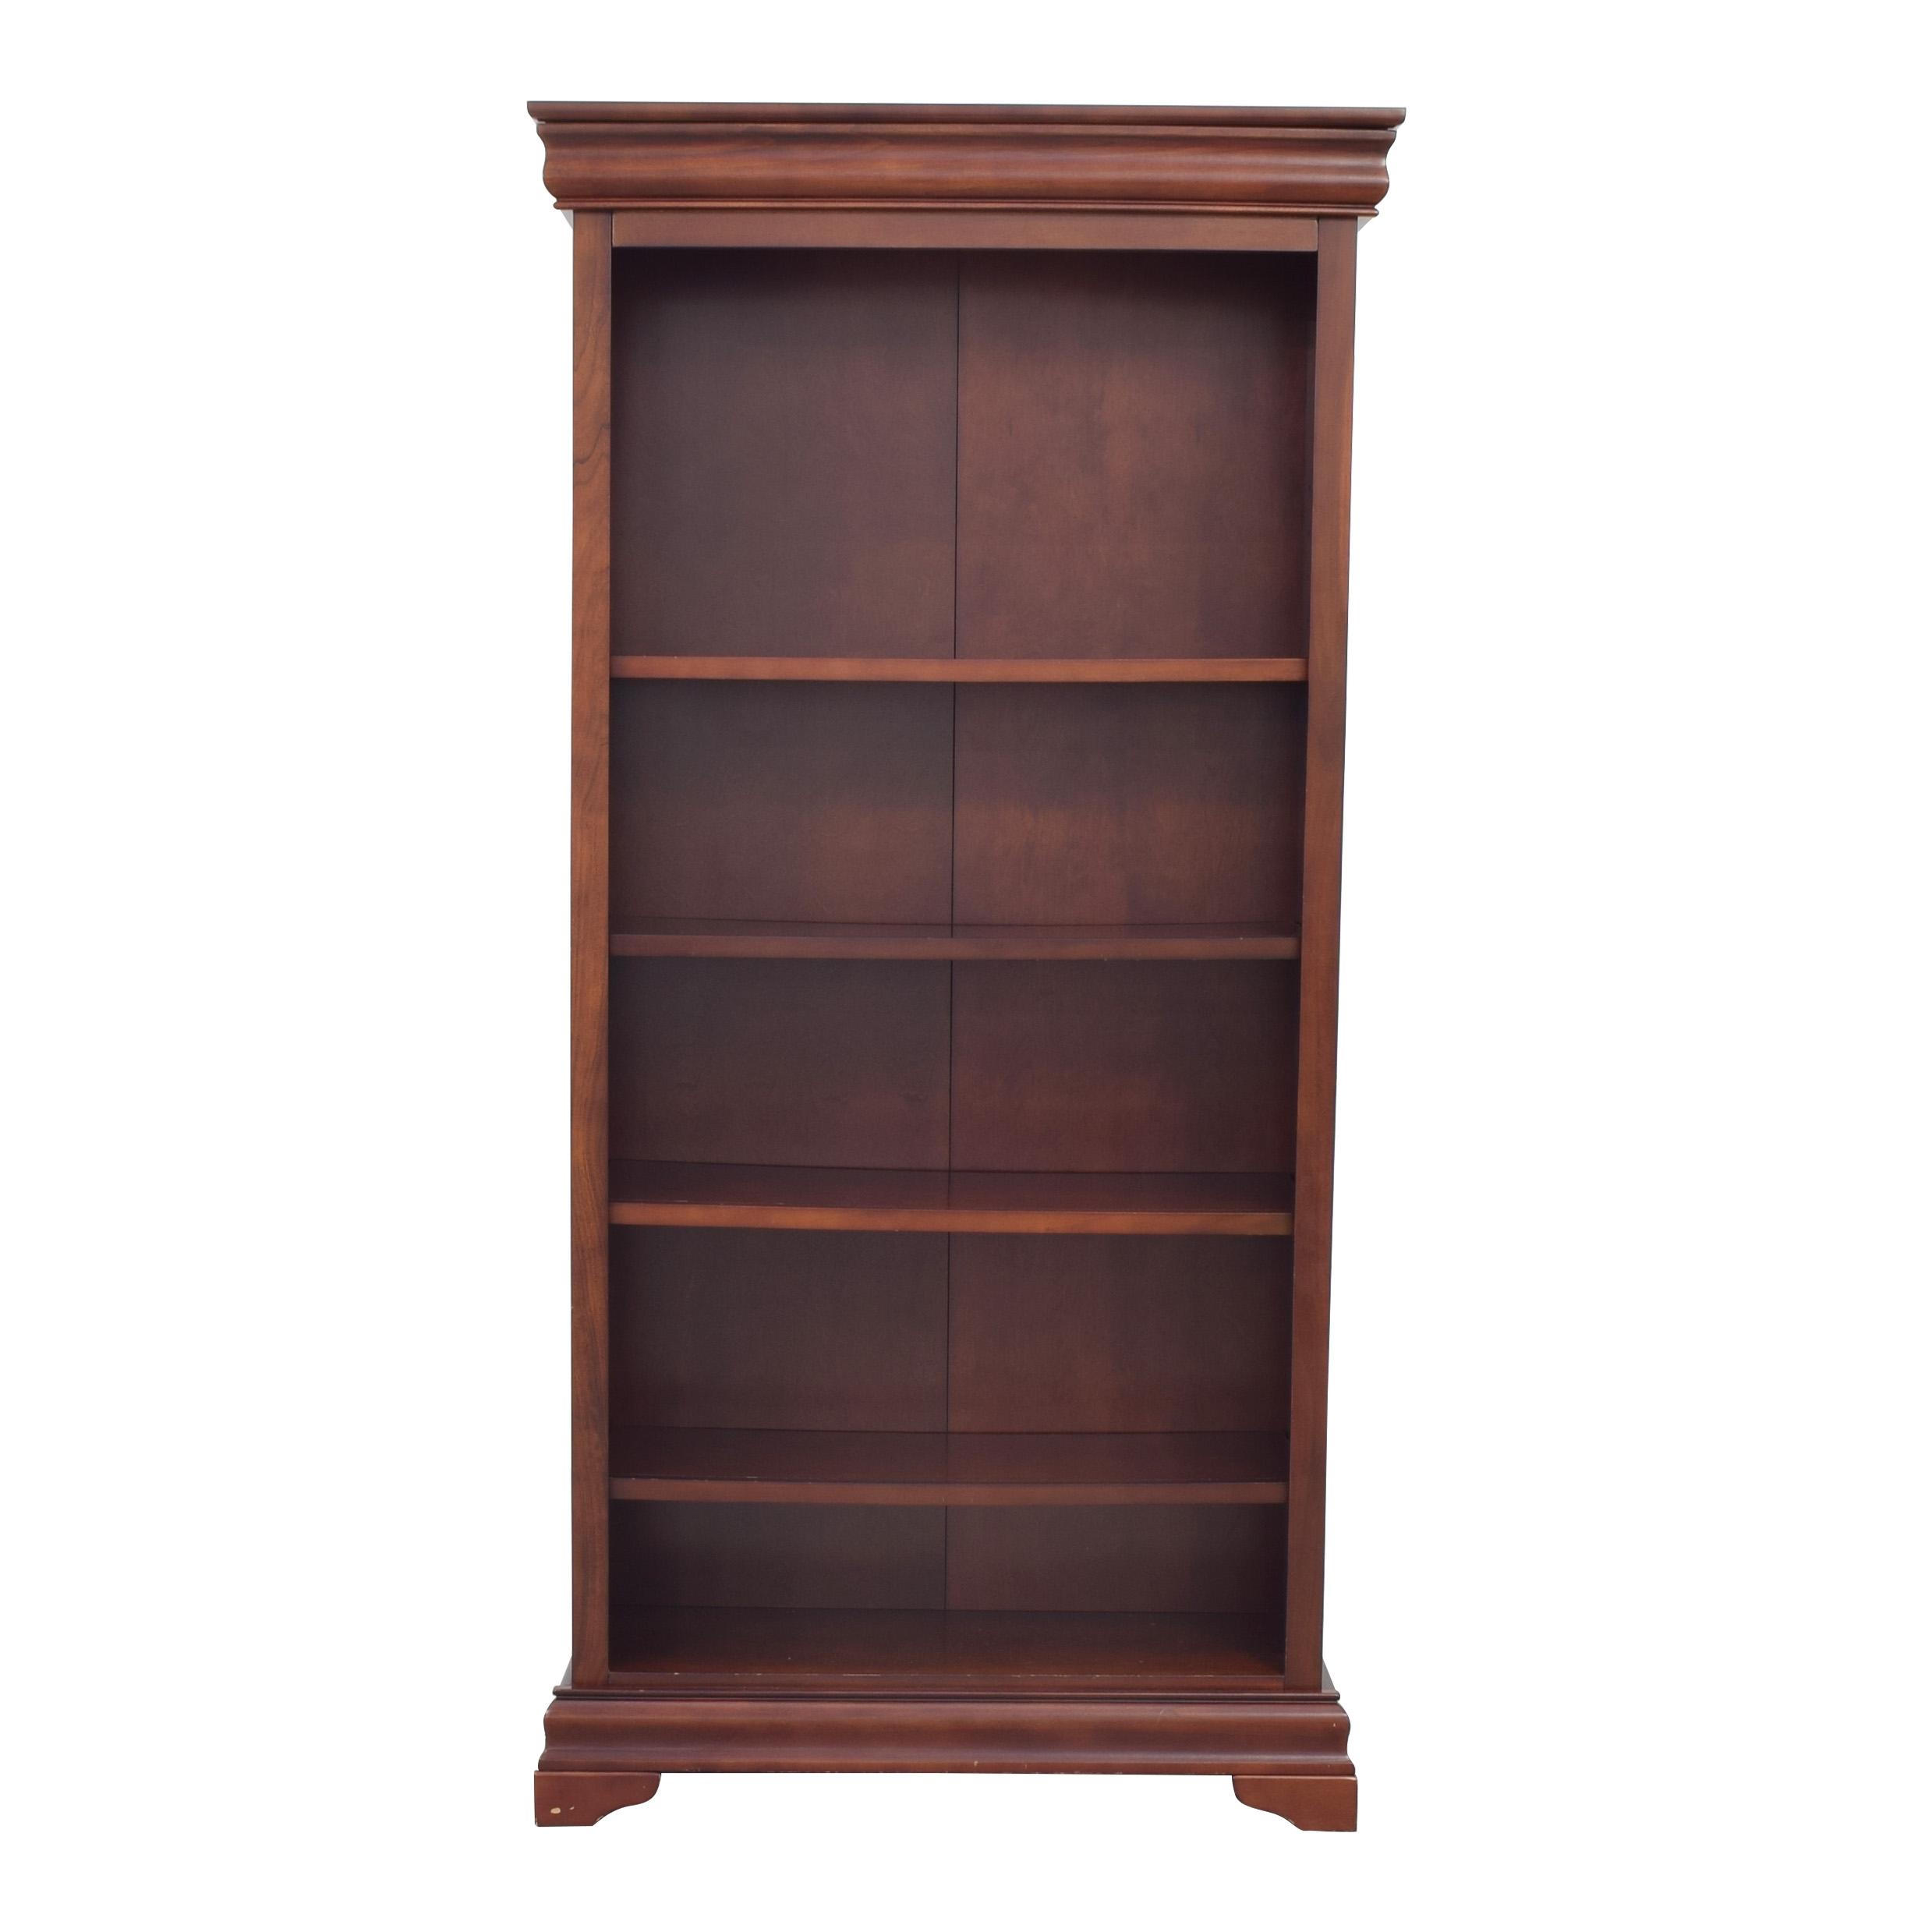 shop Home Decorators Collection Louis Phillipe Open Bookcase Home Decorators Collection Bookcases & Shelving